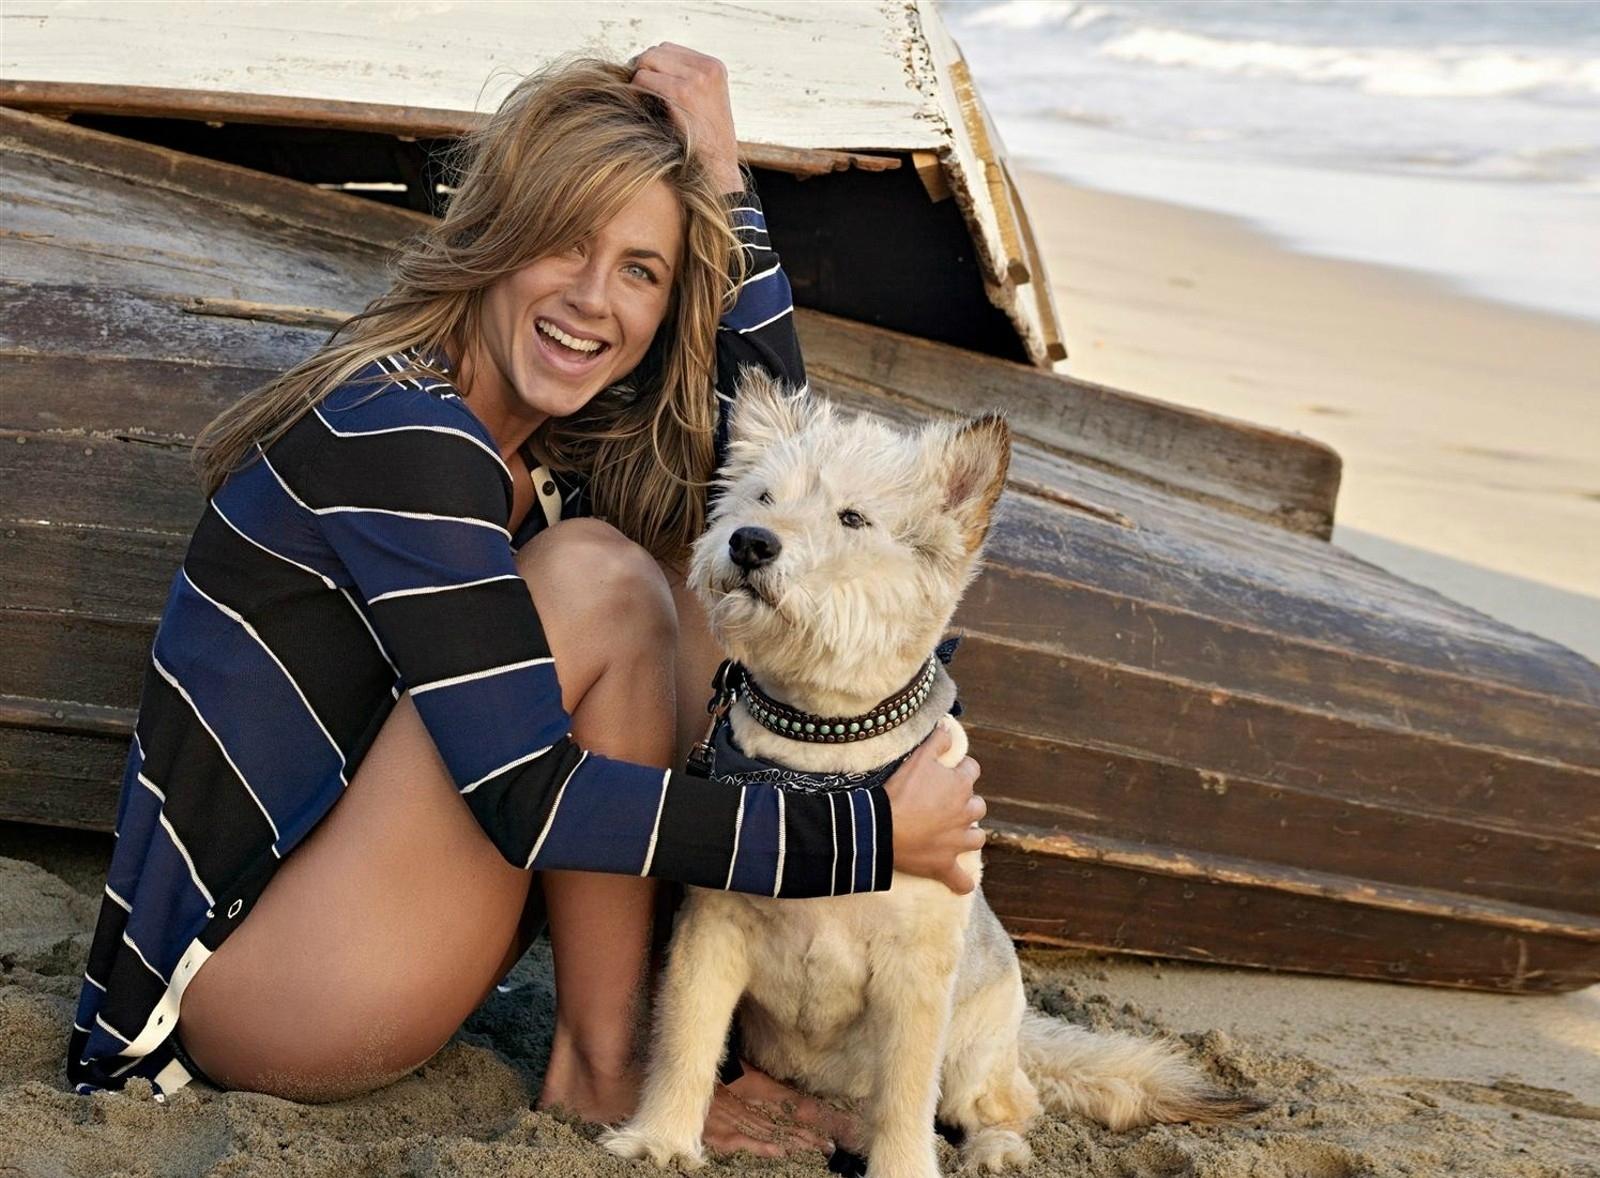 Η Τζάννιφερ Άνιστον με τον σκύλο της